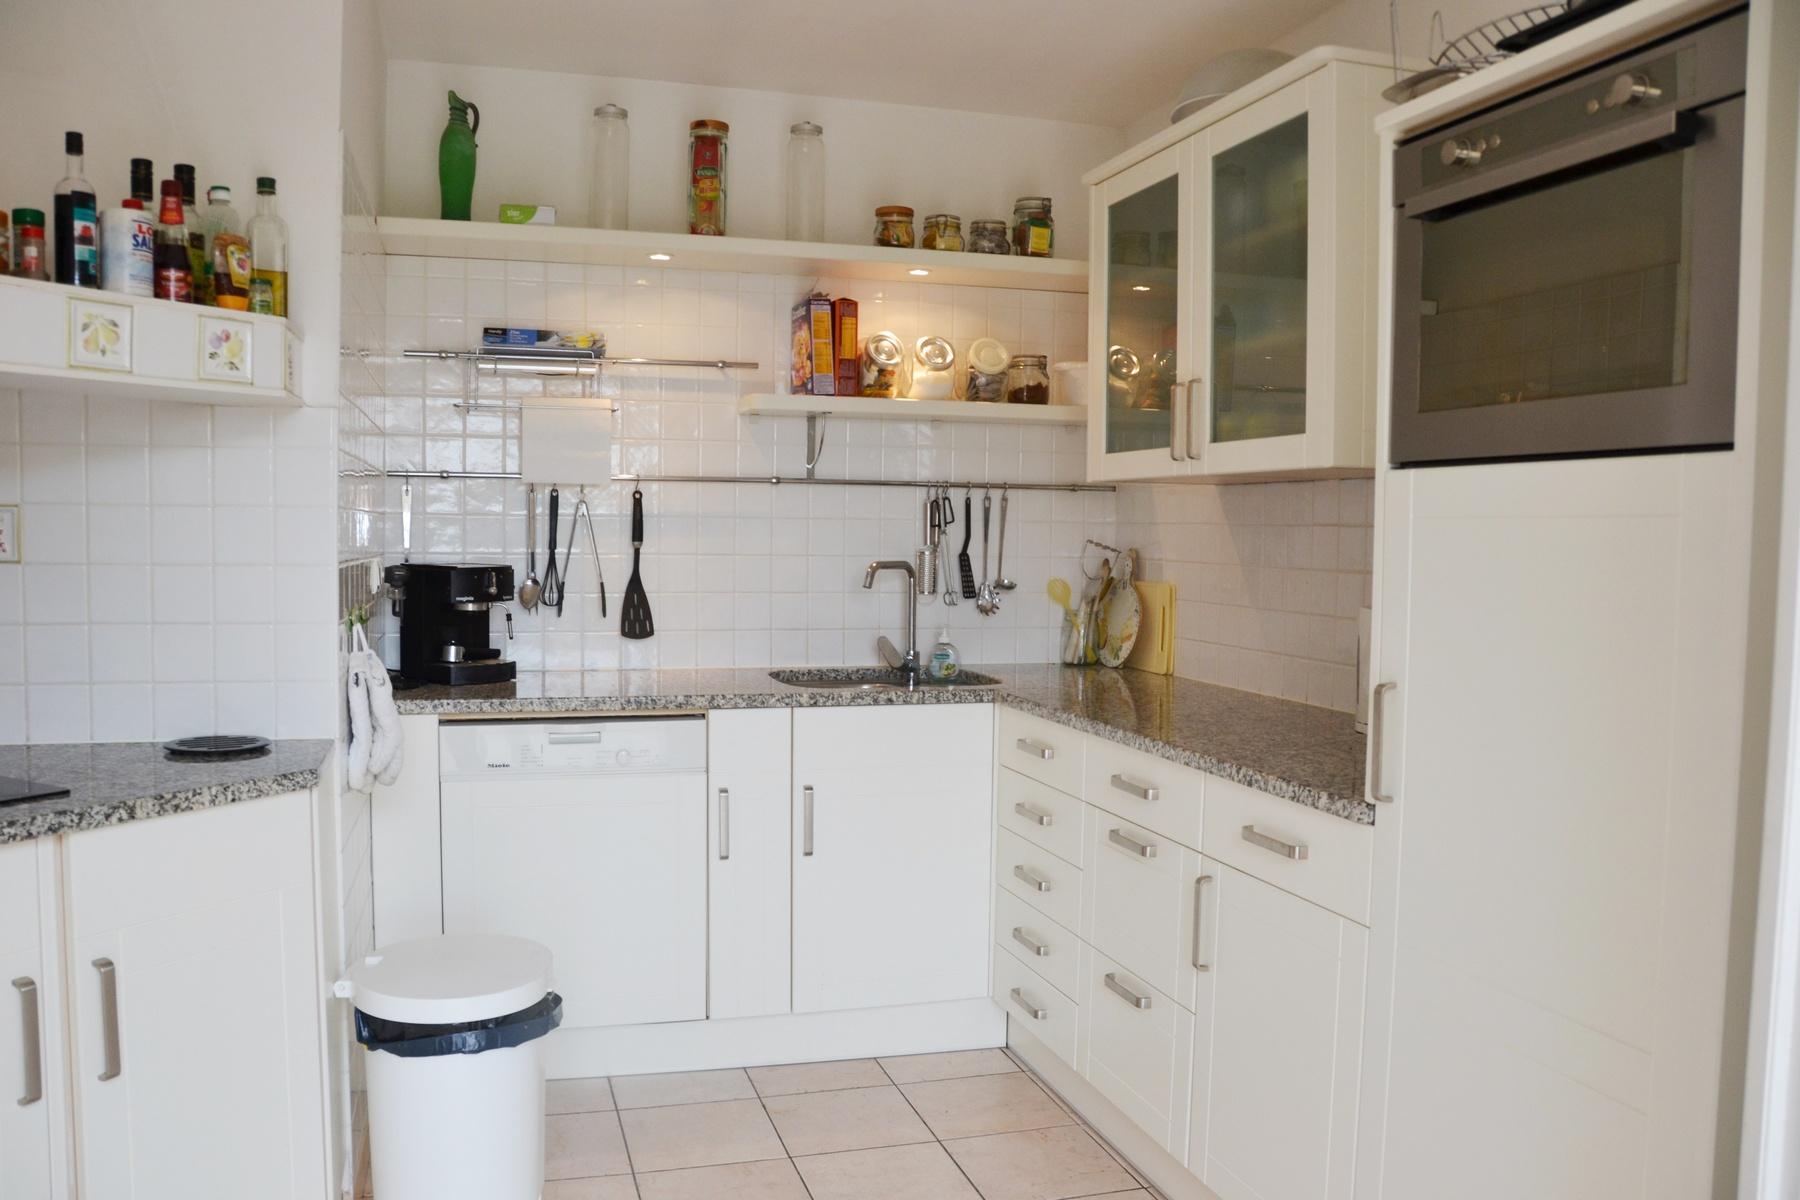 Villa Valbonne - Luxe 6 persoons vakantiehuis in Valbonne - keuken